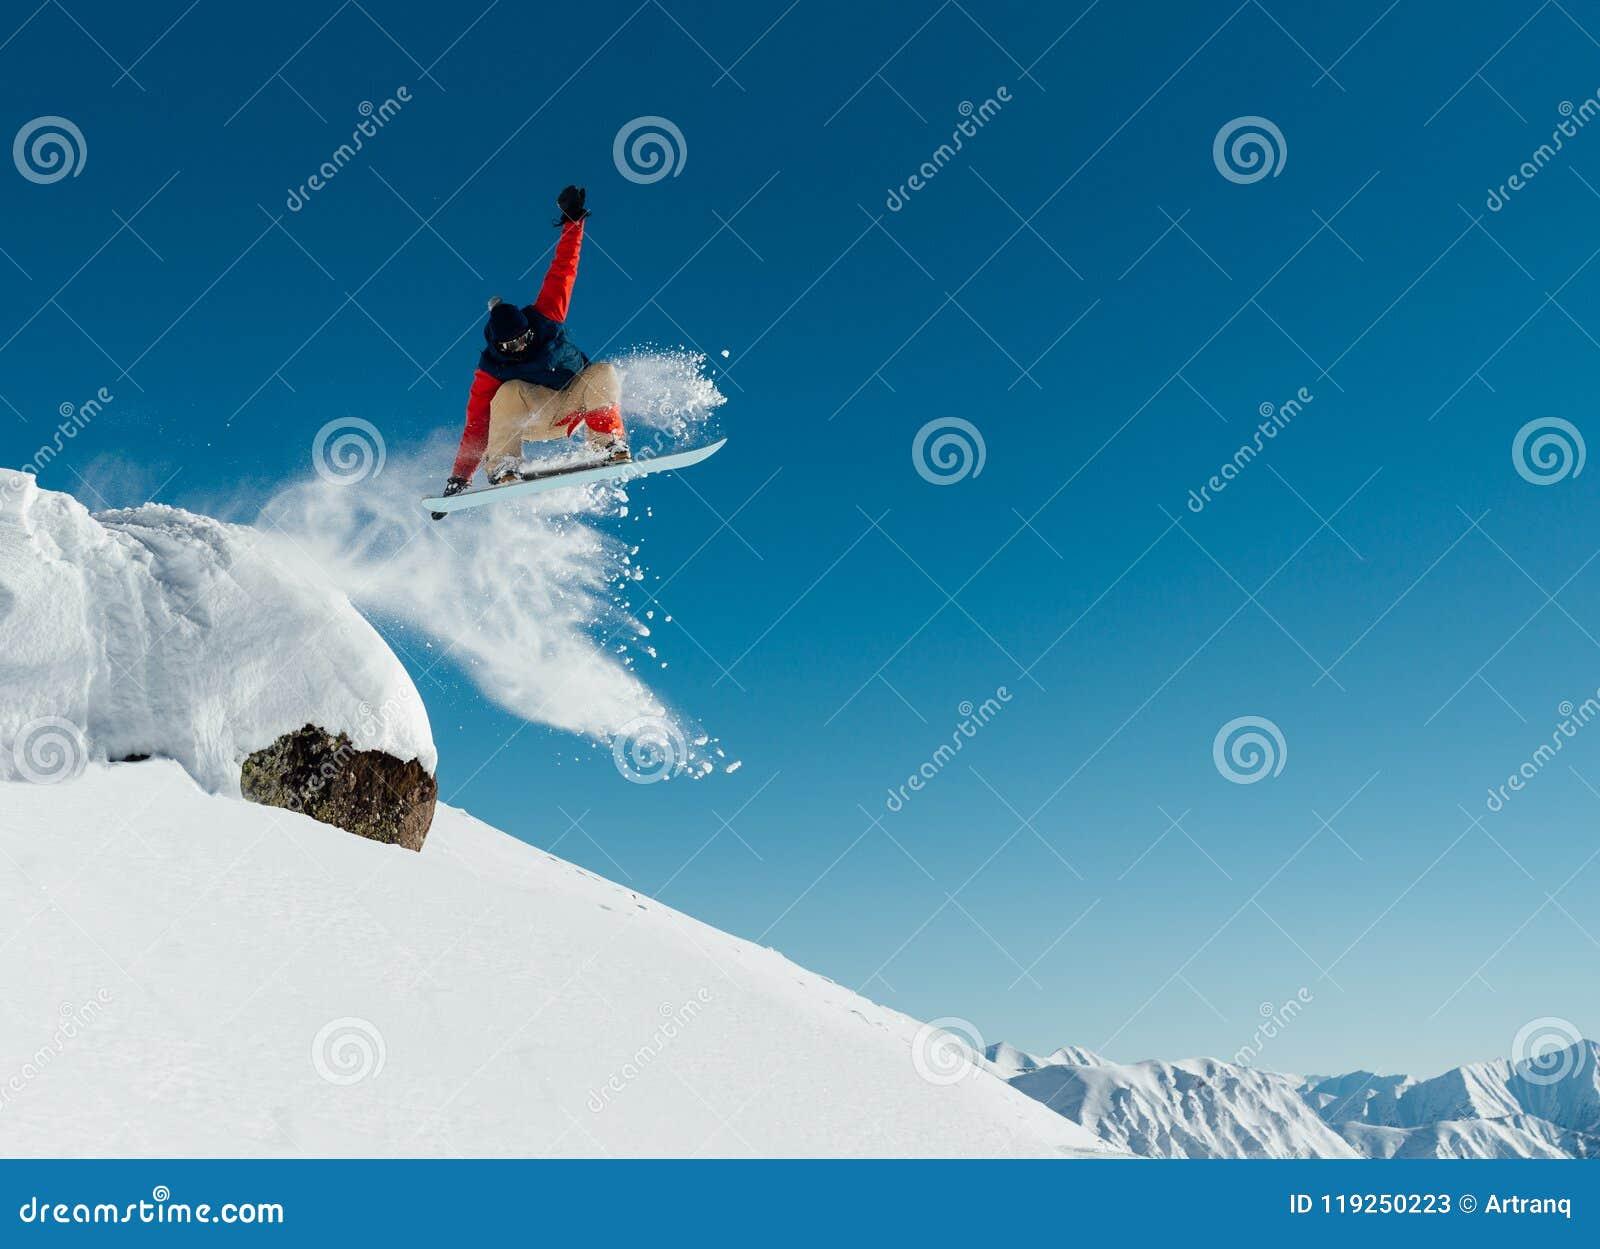 Snowboarder in de uitrustingsdalingen van de richel van de steen ont